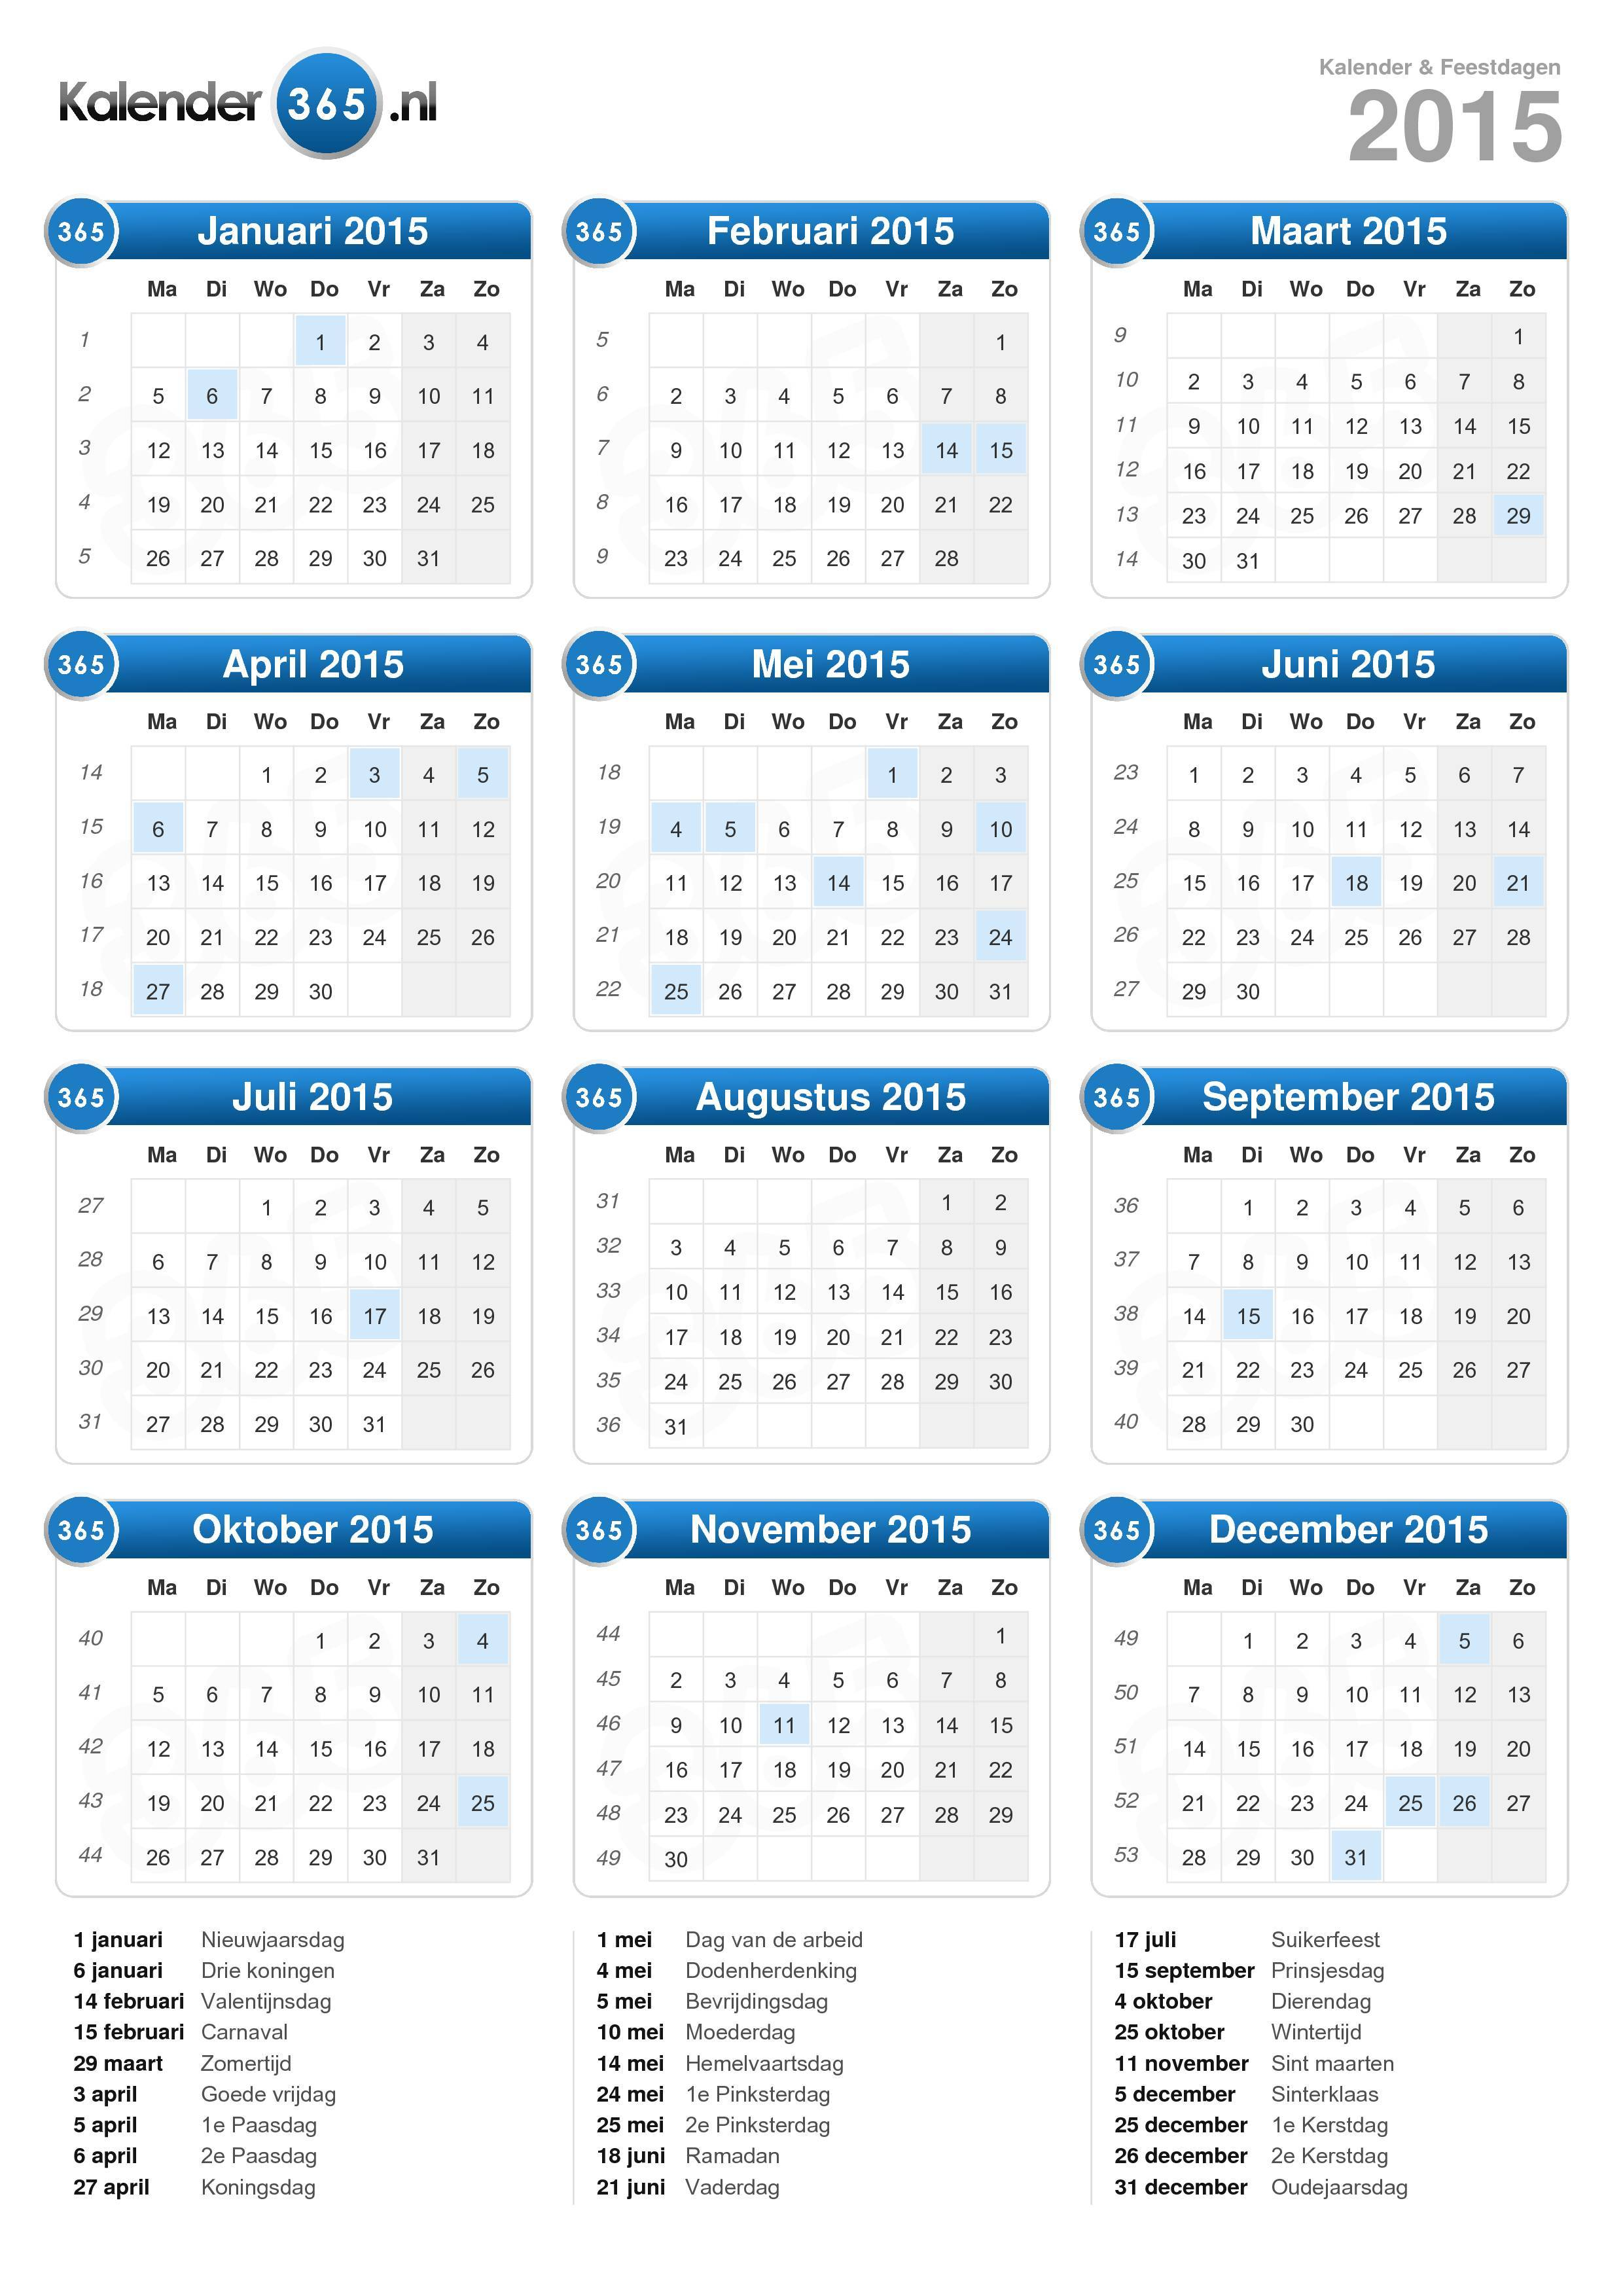 Kalender 2015 (staand formaat)